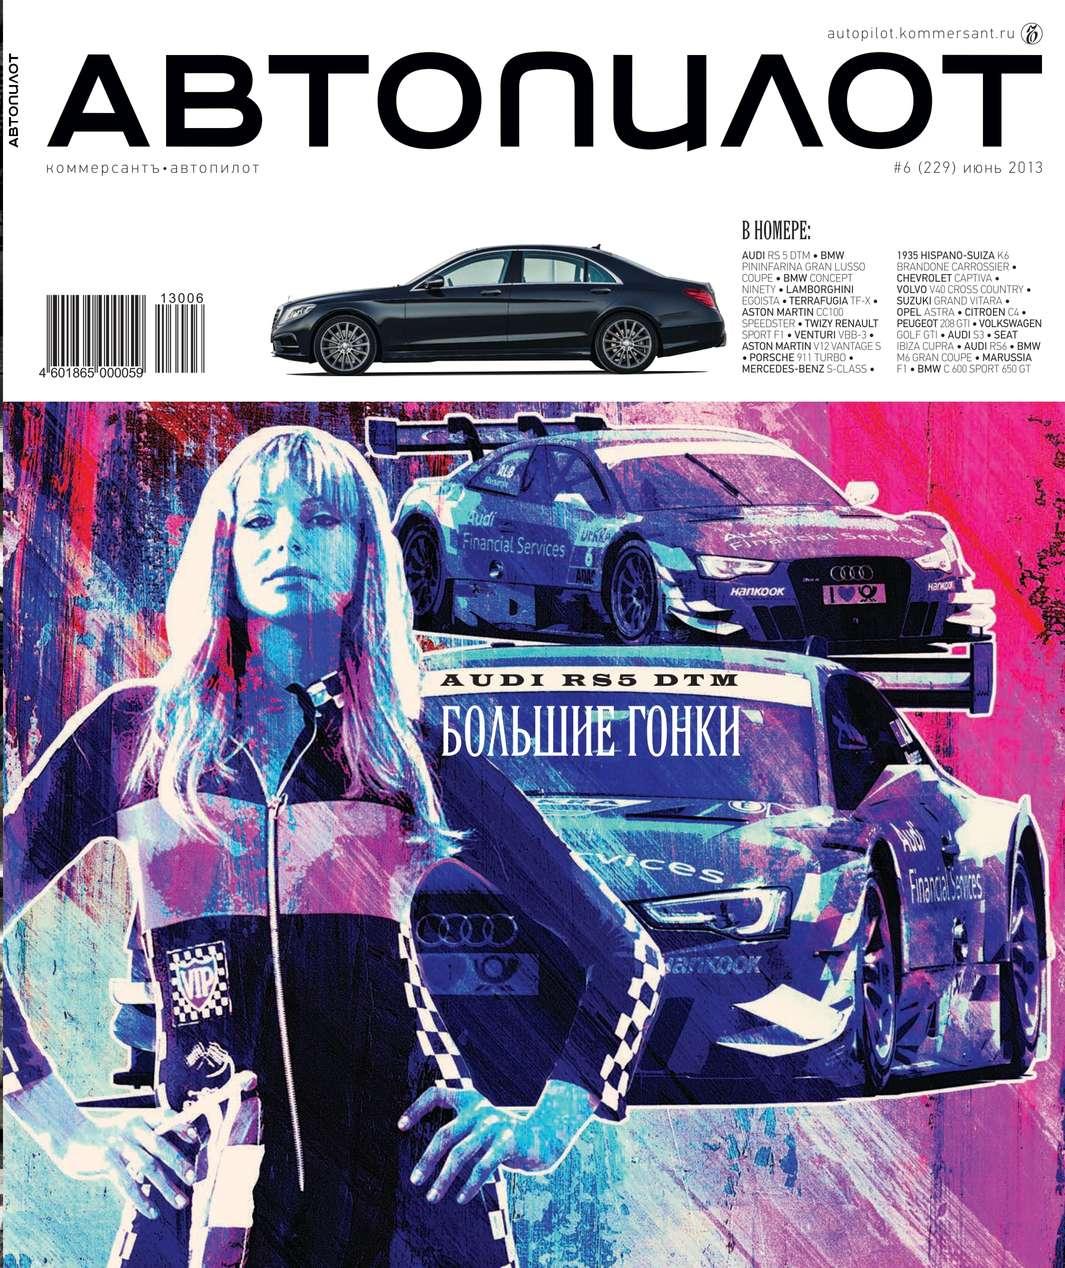 Редакция журнала Автопилот Автопилот 06-2013 дебби форд пробуждение или отключите автопилот isbn 985 483 260 0 0 06 008627 0